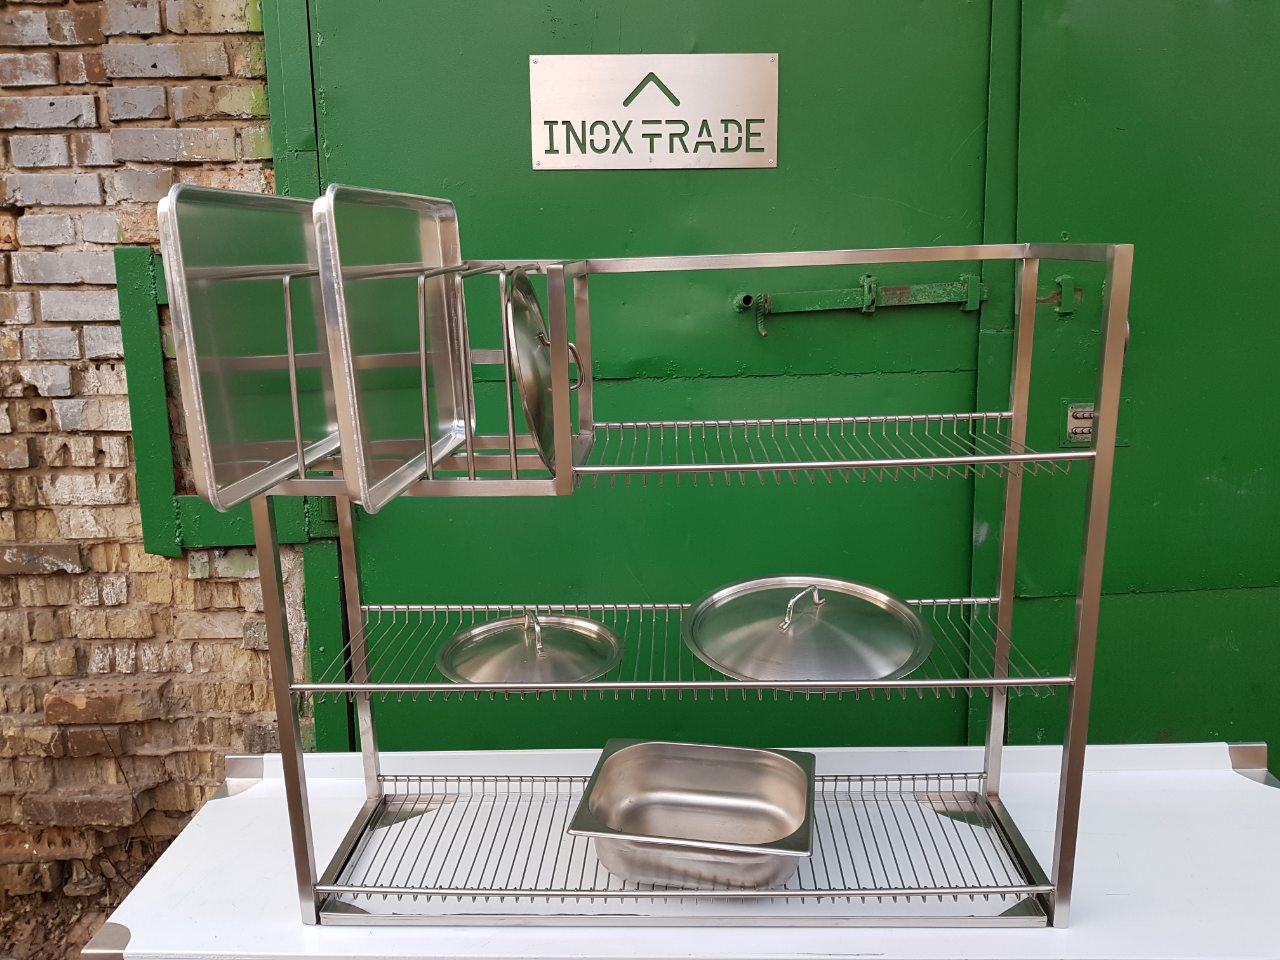 Полка для сушки посуды открытая (800 x 300 x 350) - фотография